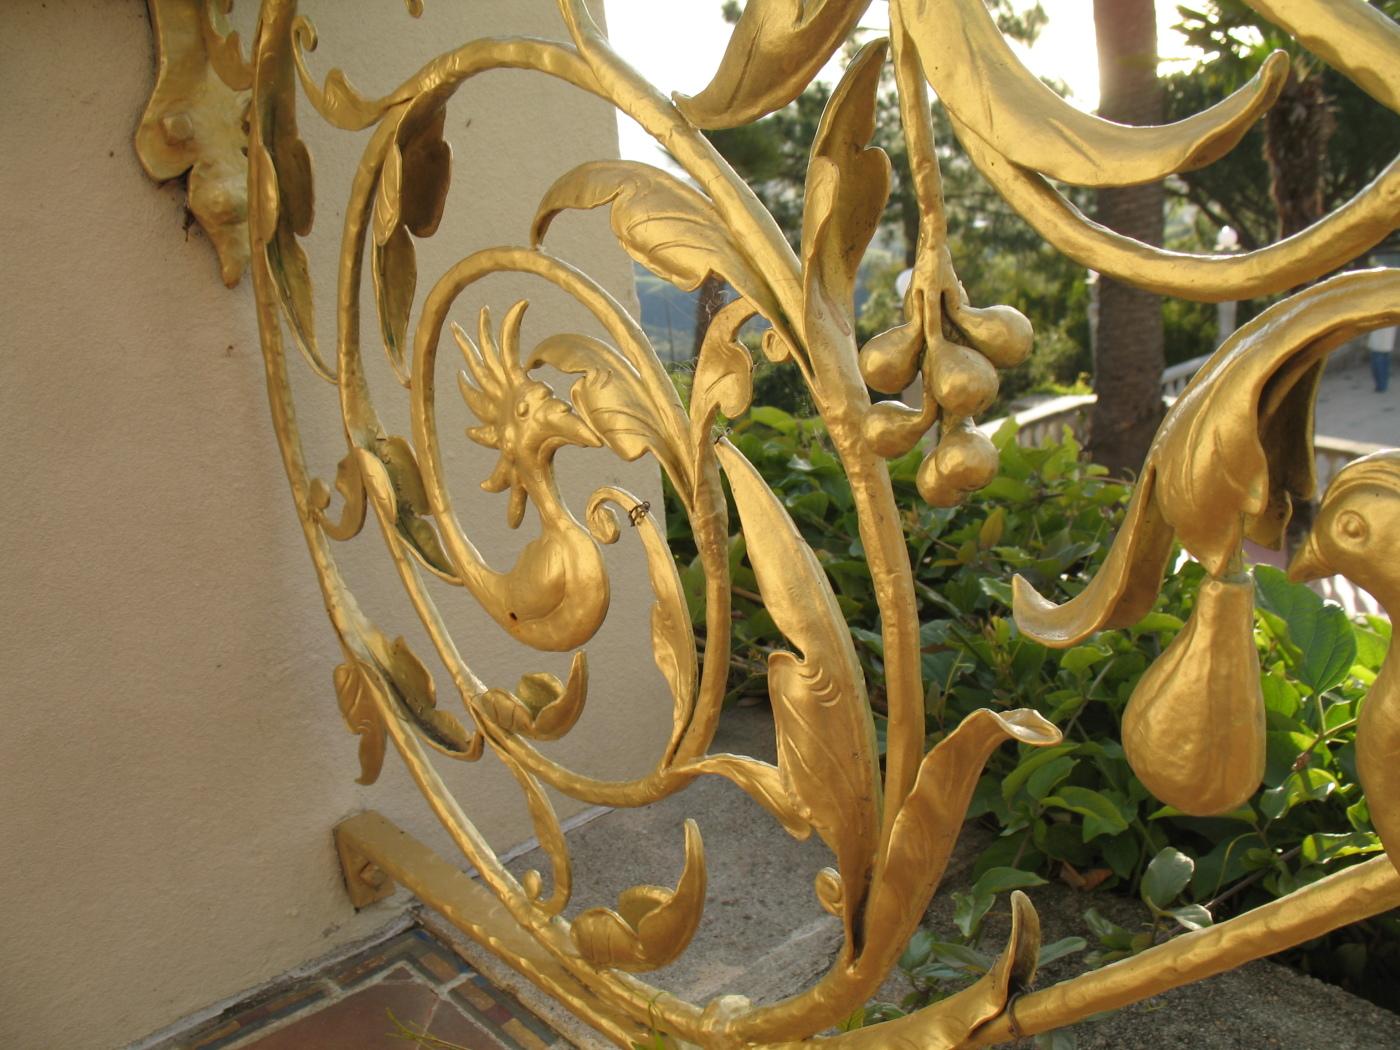 intricate metalwork